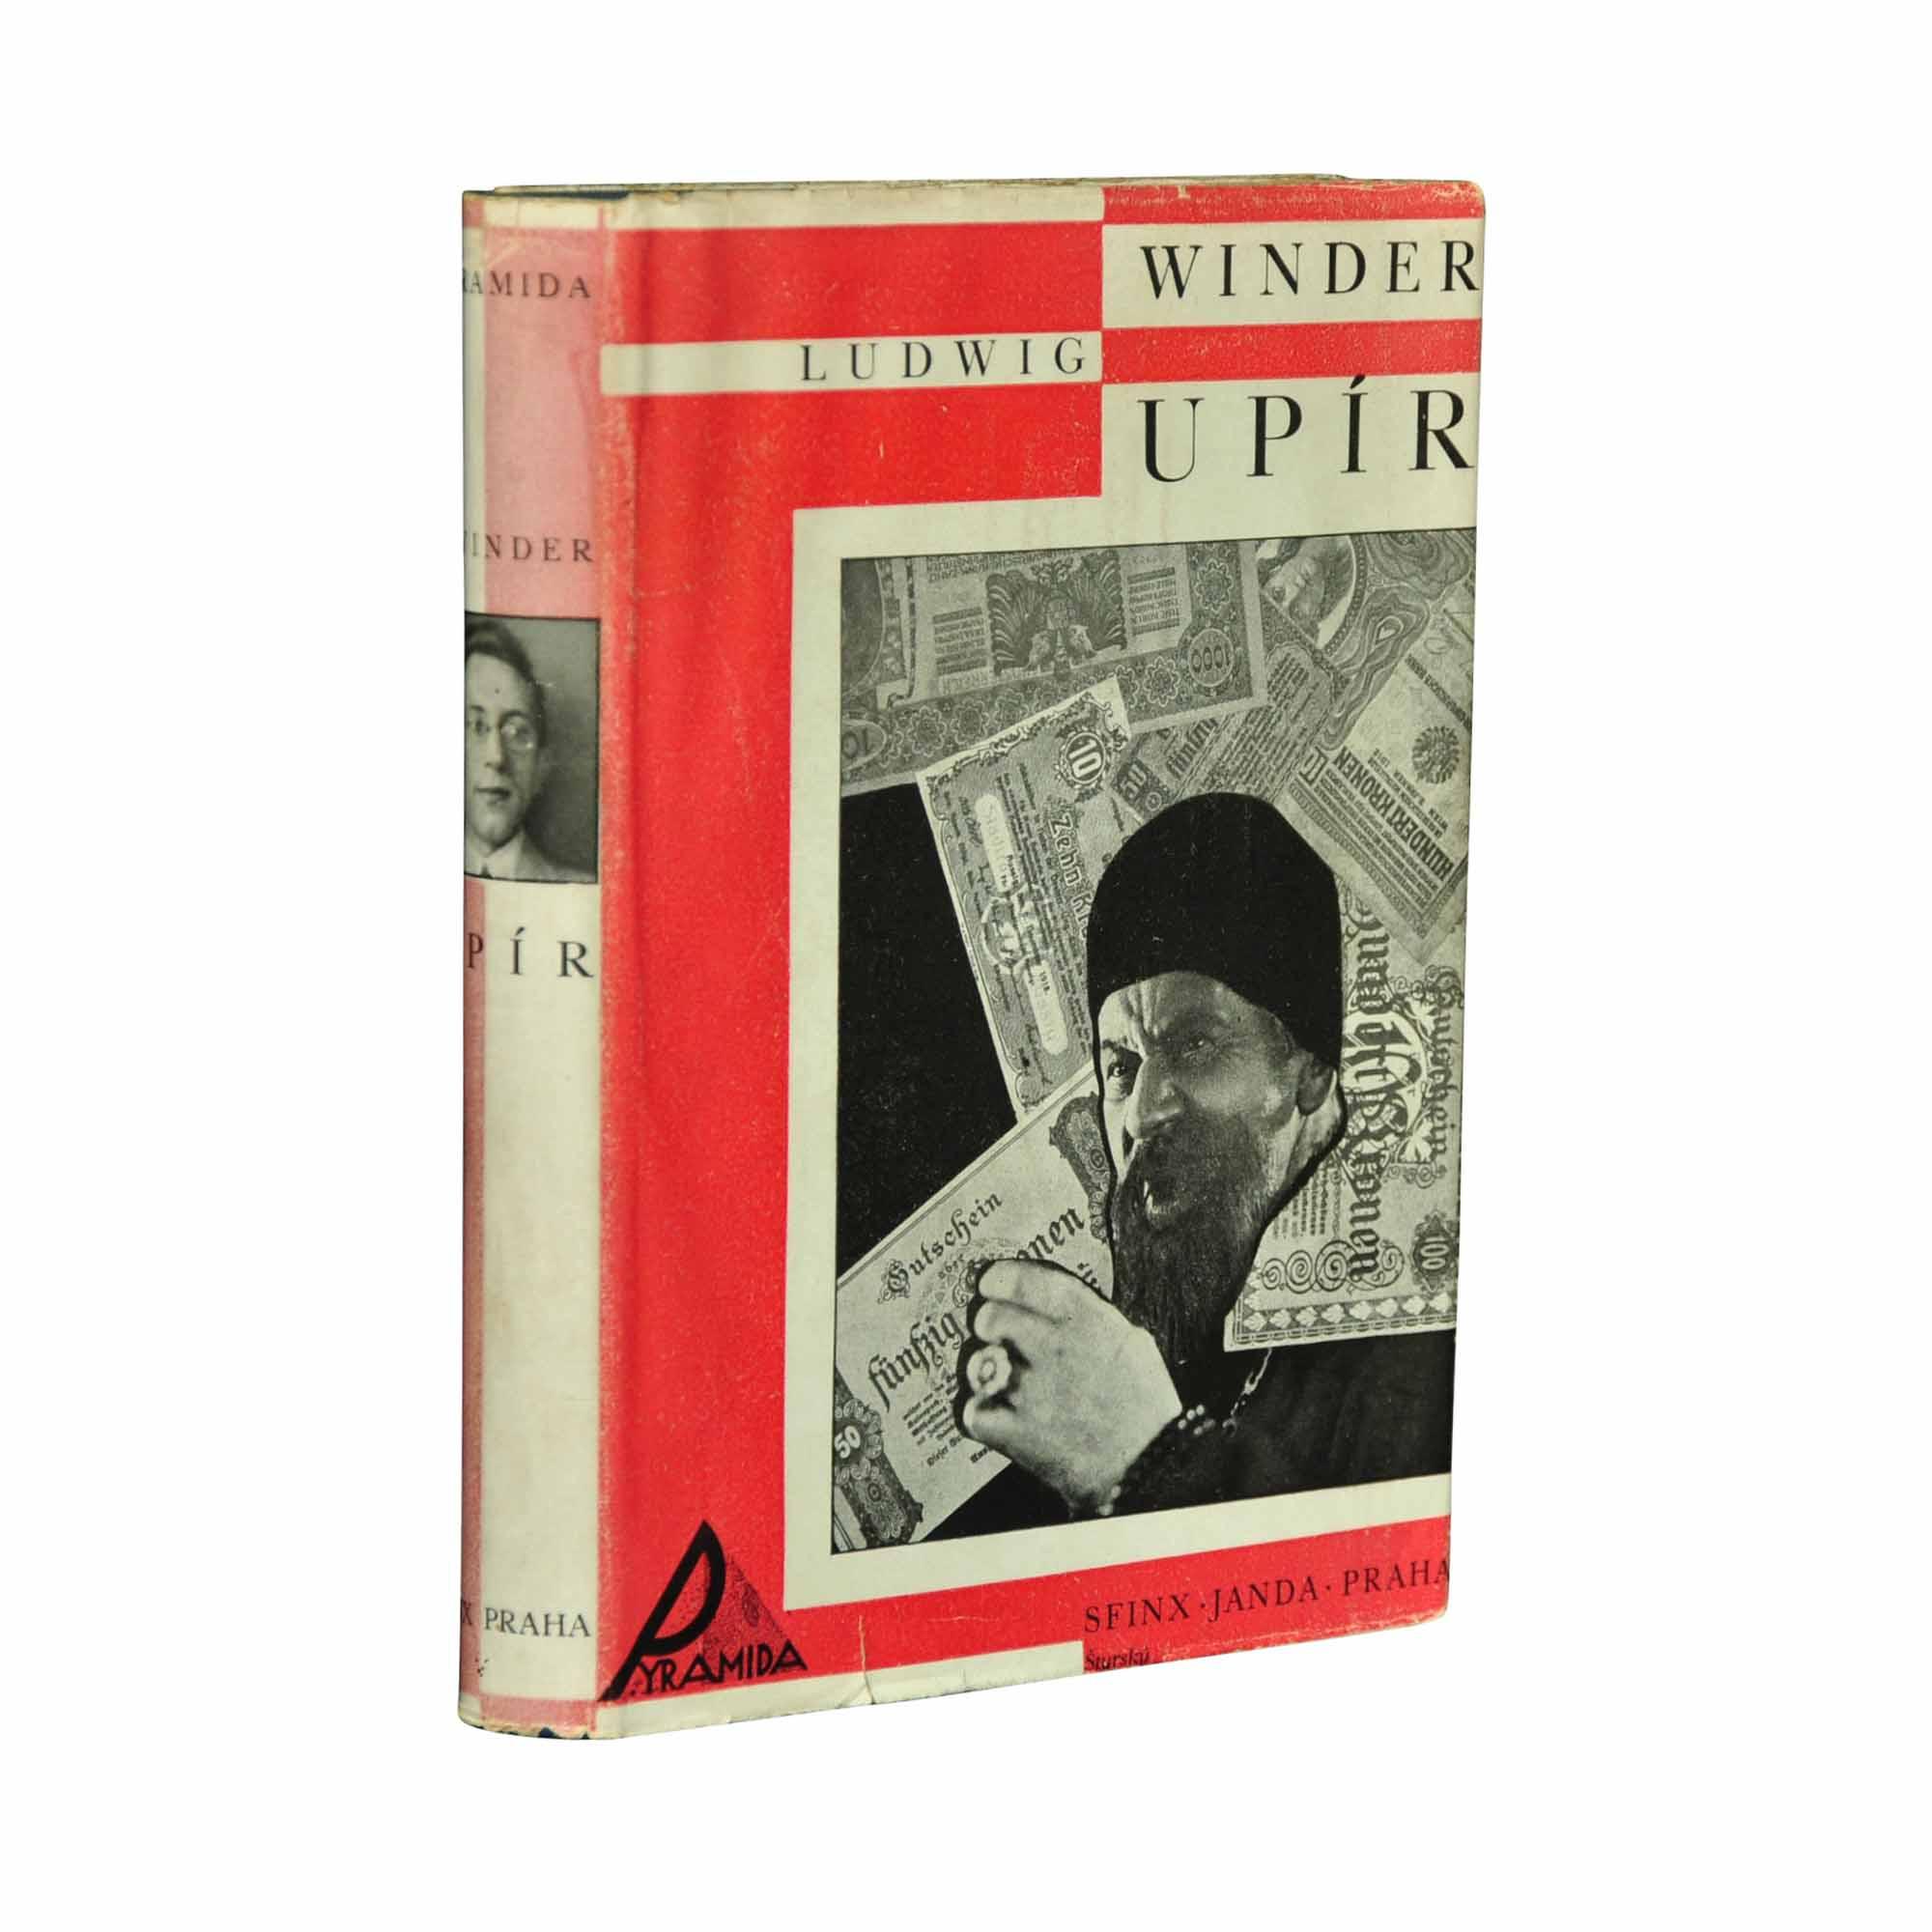 33-1330-Winder-Styrsky-Sutnar-Upir-1929-1-N.jpg